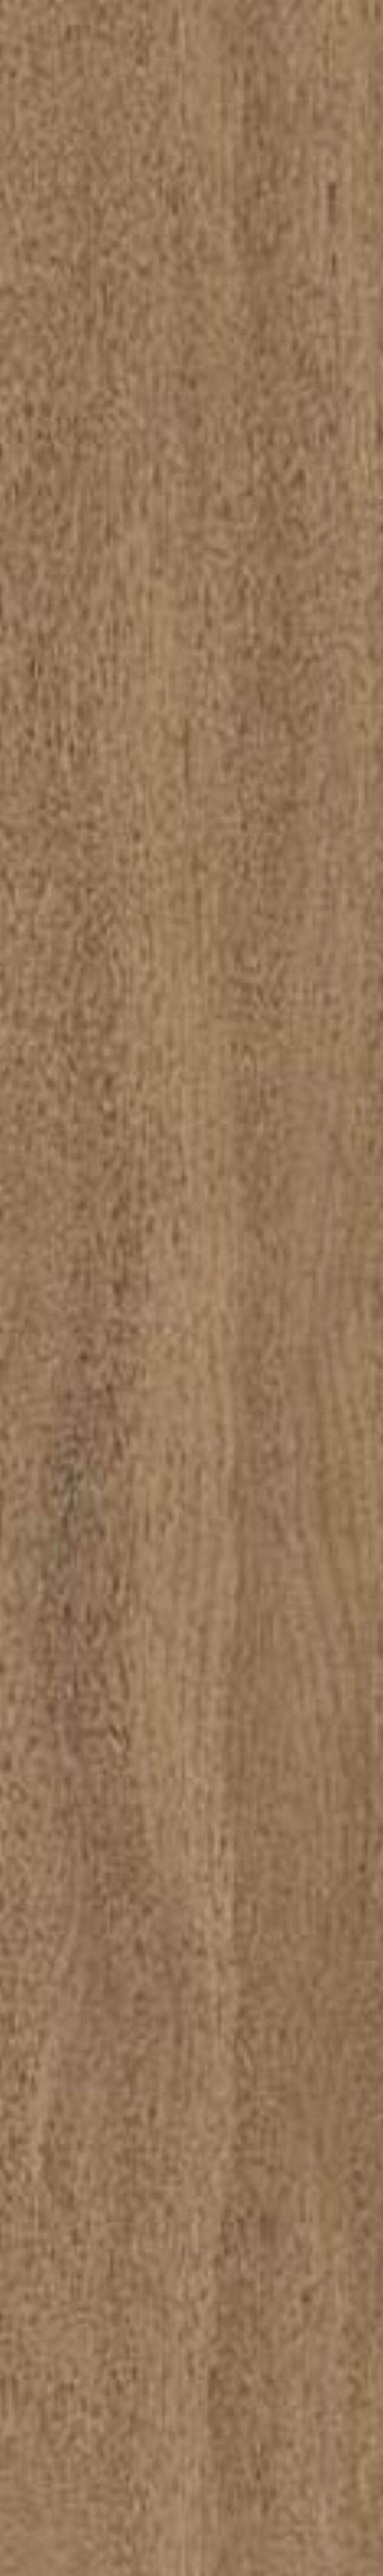 Bild: Design Belag - Rhea 51121 - Langdielen Optik (Honey Oak)